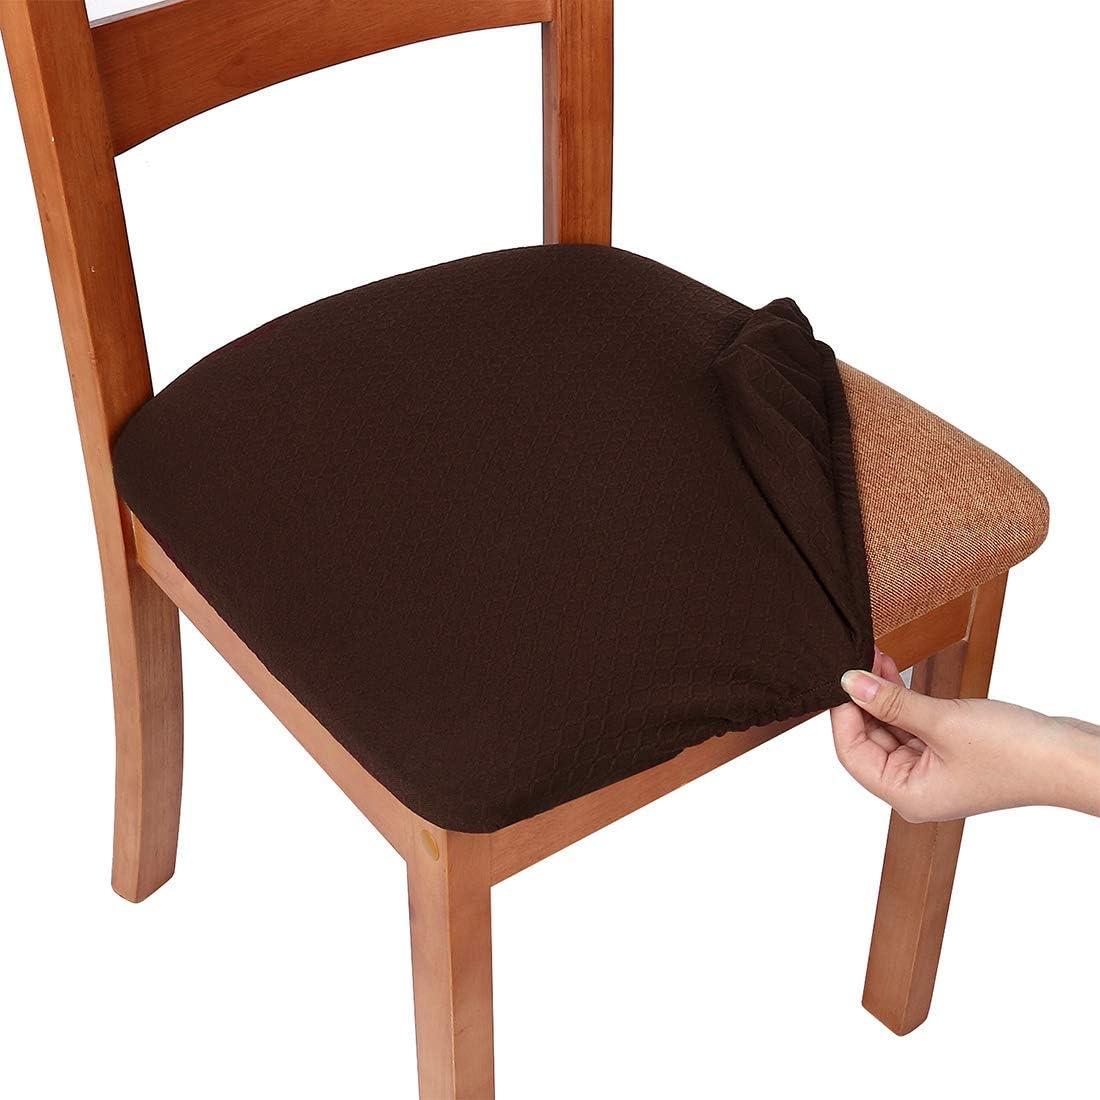 Office Smiry Stretch couvertures de Chaise pour Bureau et Chaise de Table de Salle /à Manger Jacquard protecteurs Coussin dassise Chaise Housses Camel